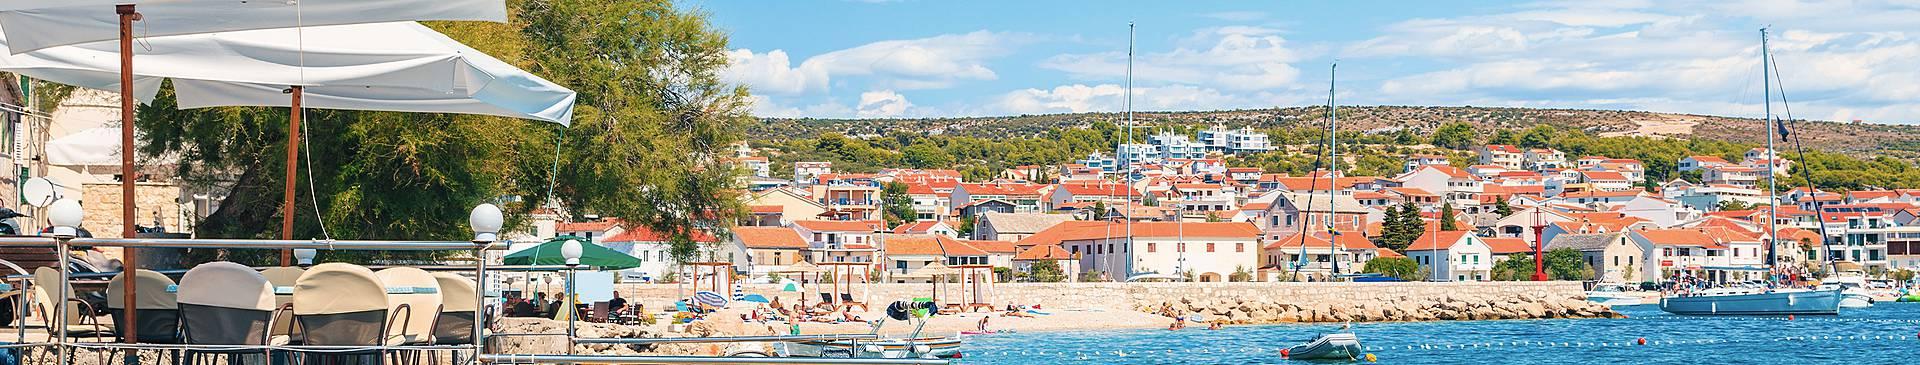 Viajes a Croacia en verano